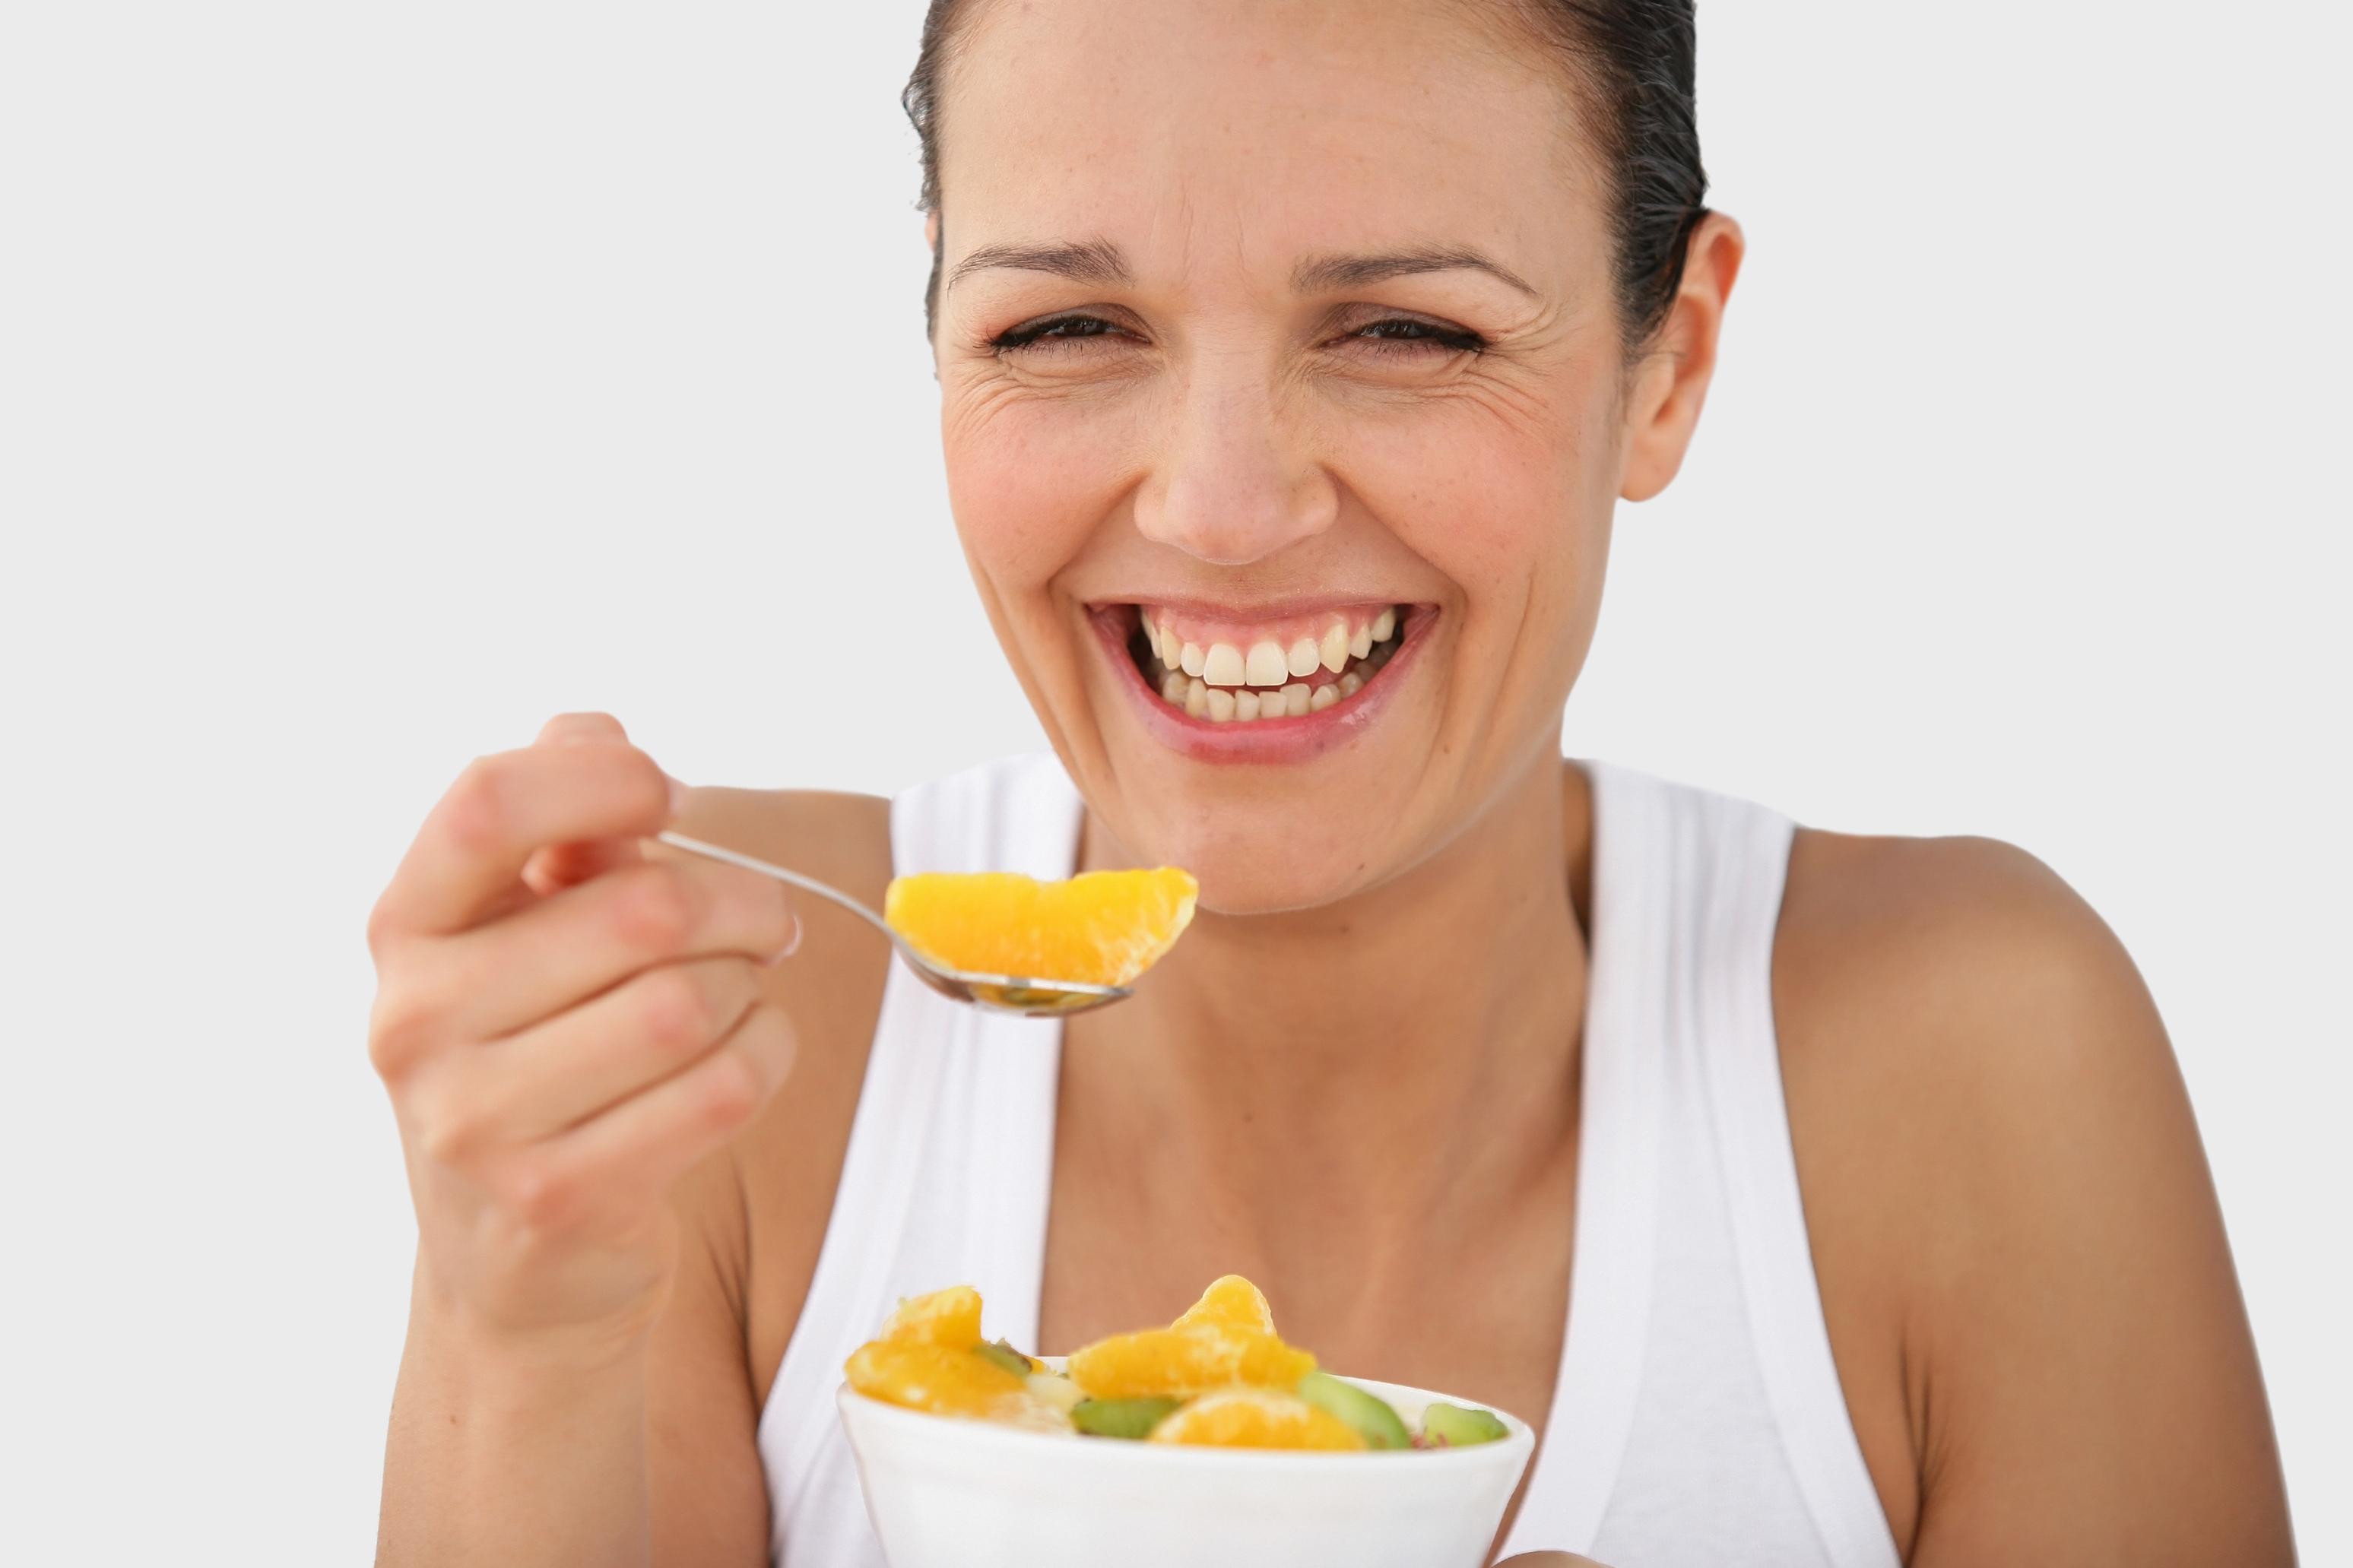 En näringsnyttig diet kan hjälpa till att motverka den påverkan på kroppen som stress har.